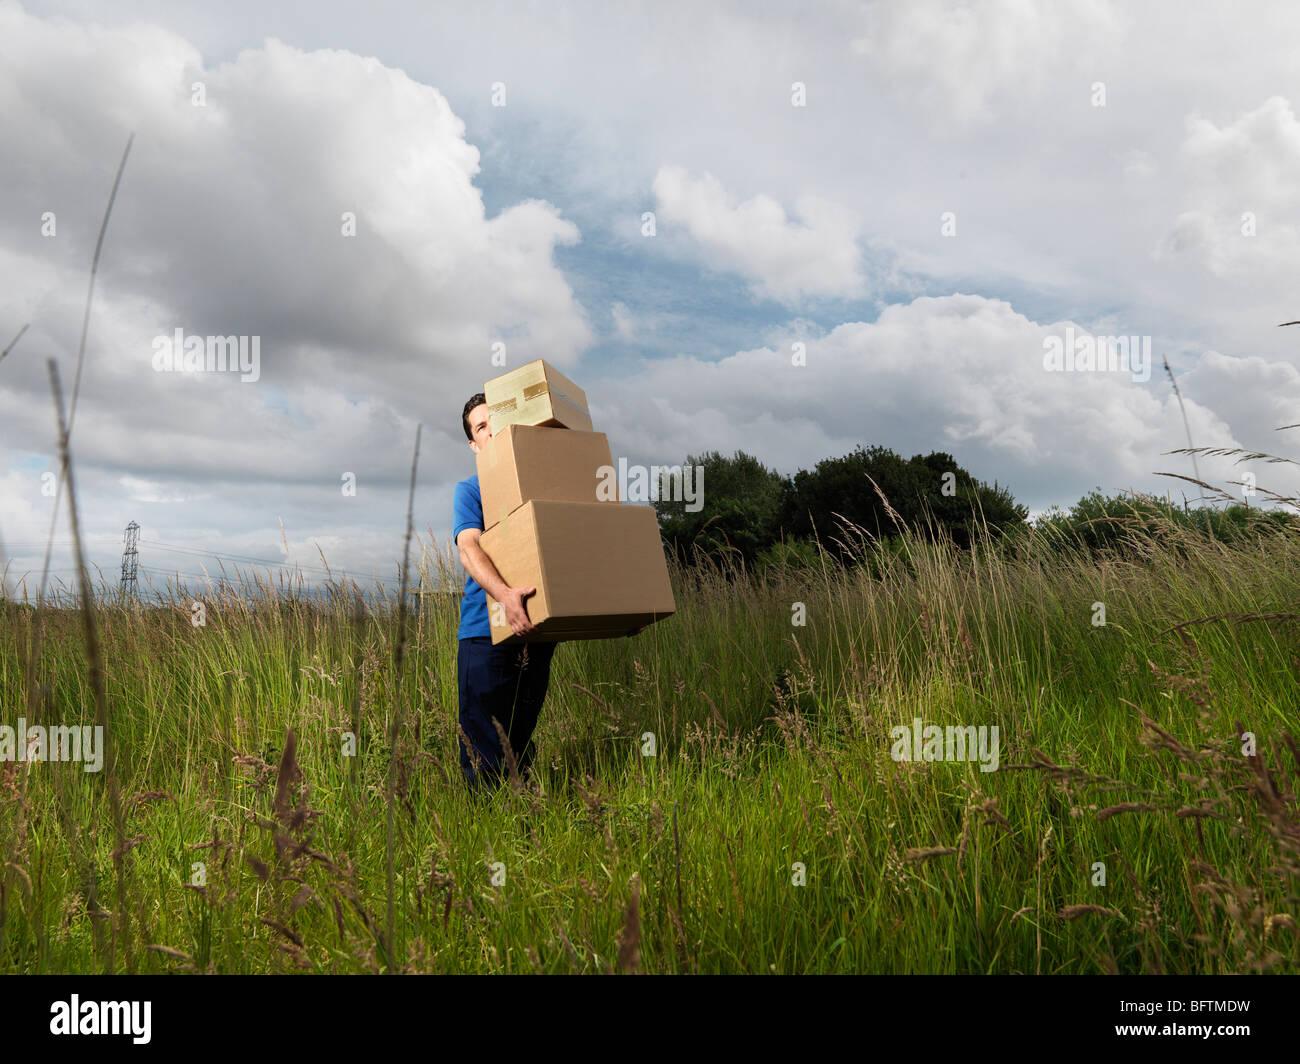 Man carrying boxes par domaine Photo Stock